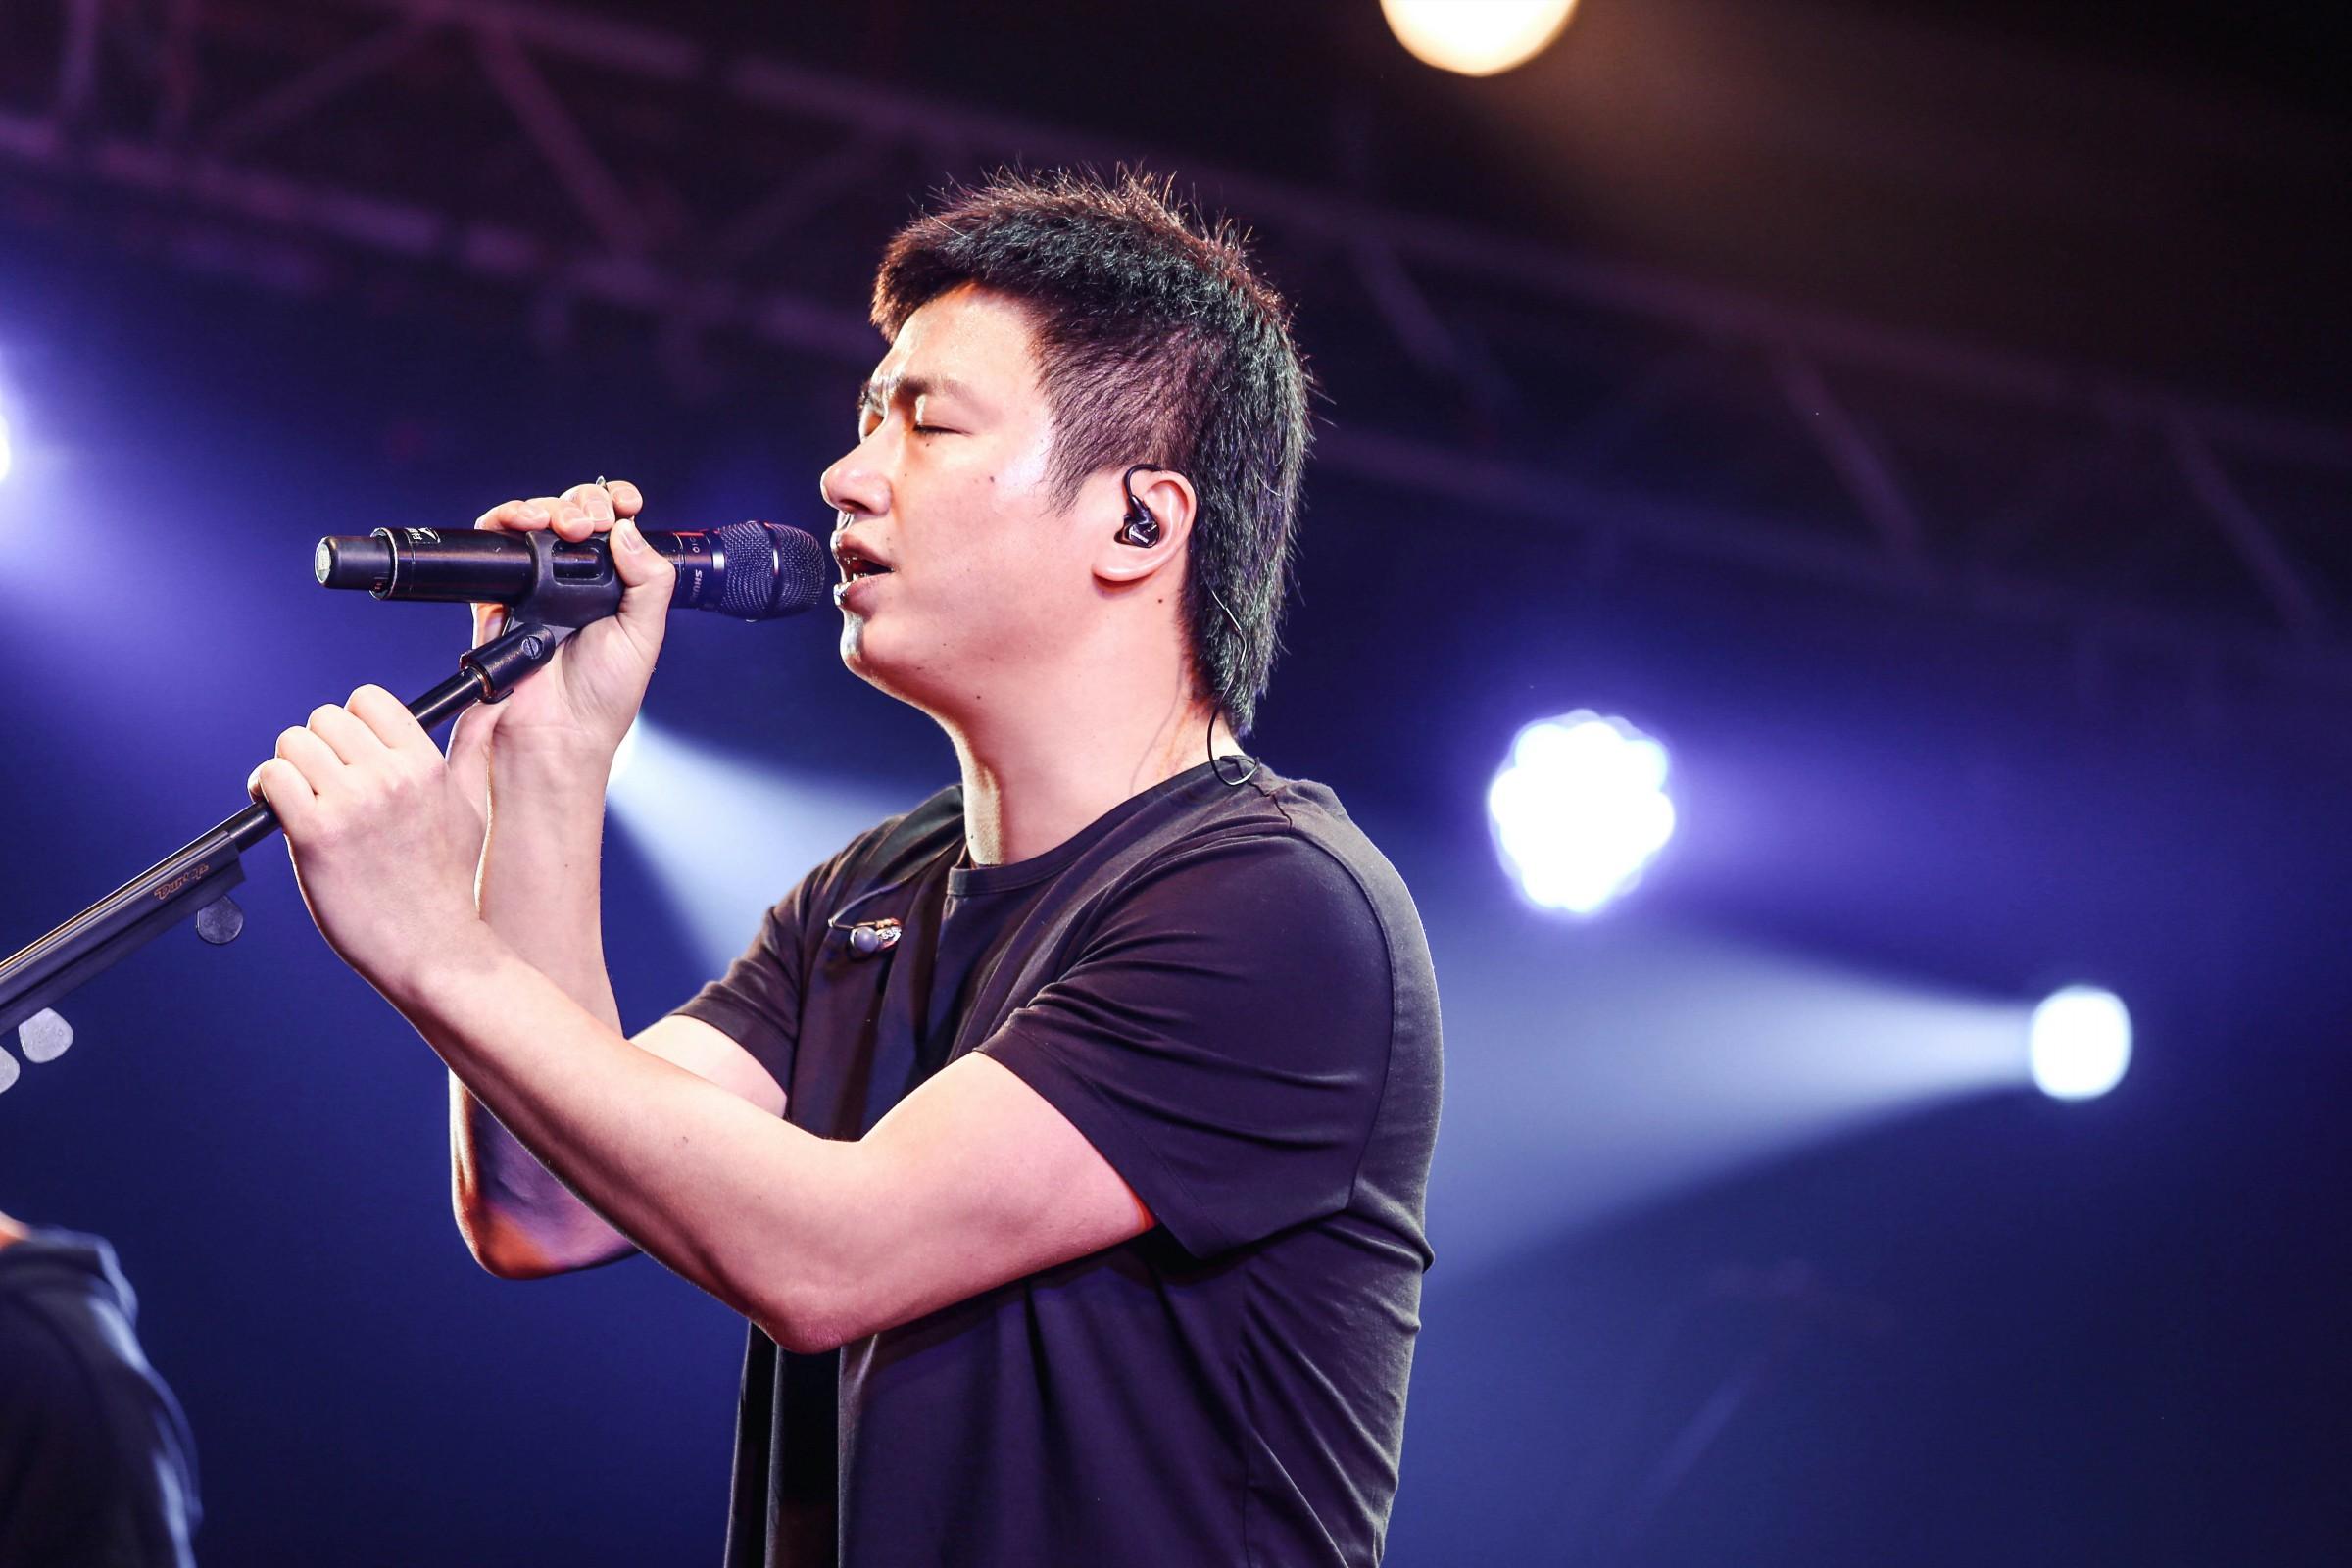 李志在微博上寫道:「抵台兩日,大家紛紛表示台灣是個好地方,就是天氣和南京一樣冷⋯⋯」